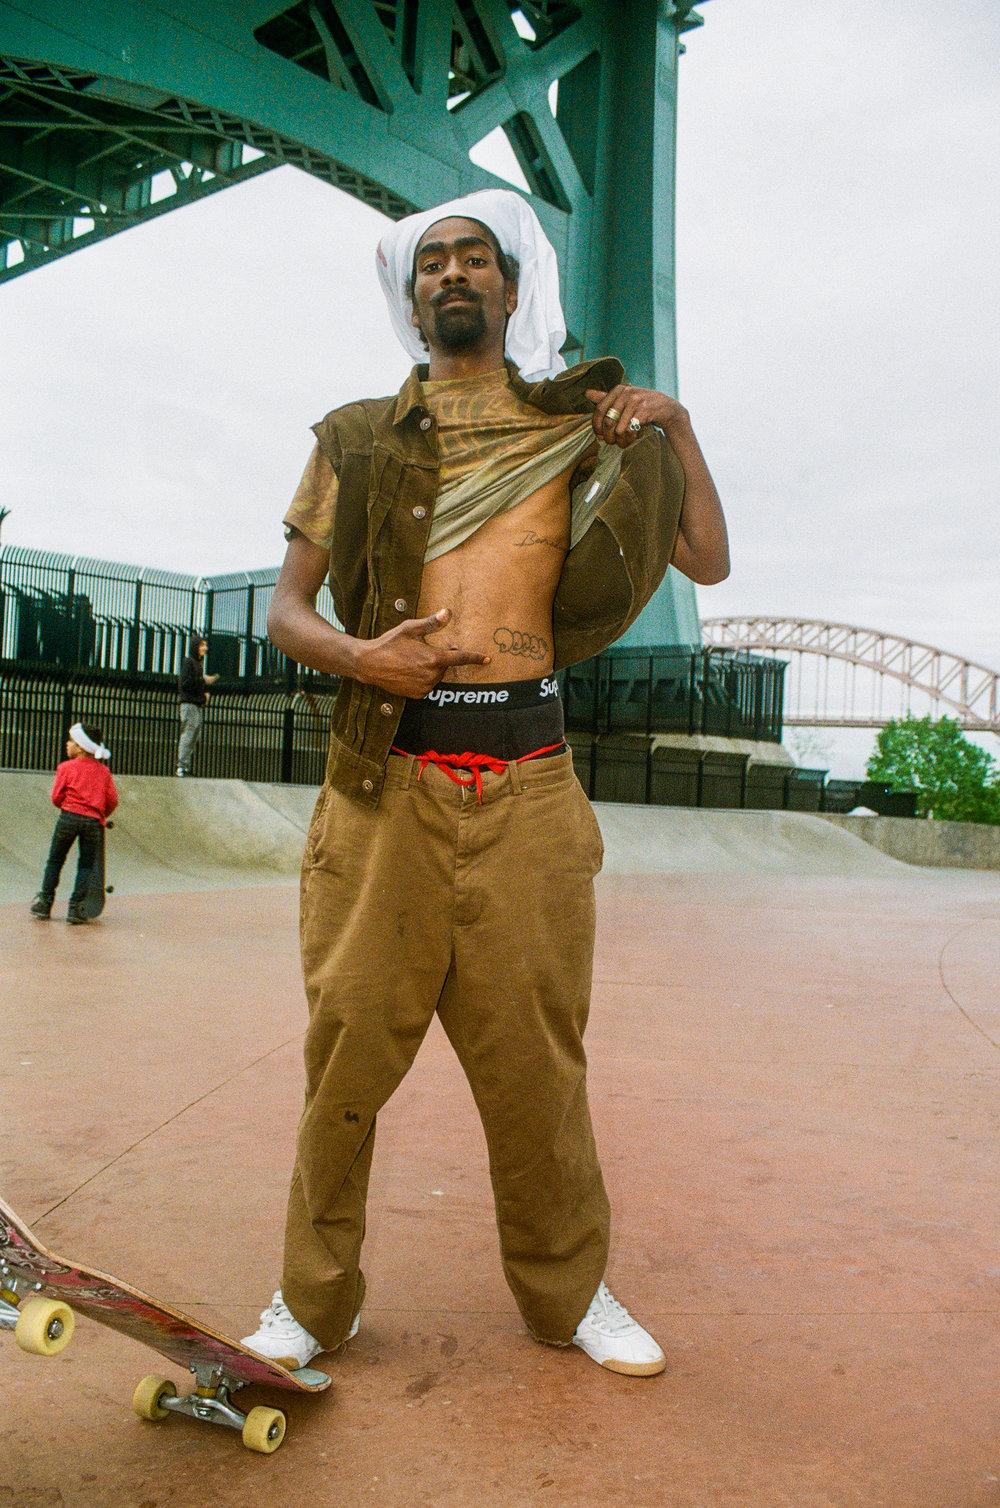 Karim at Dece Park